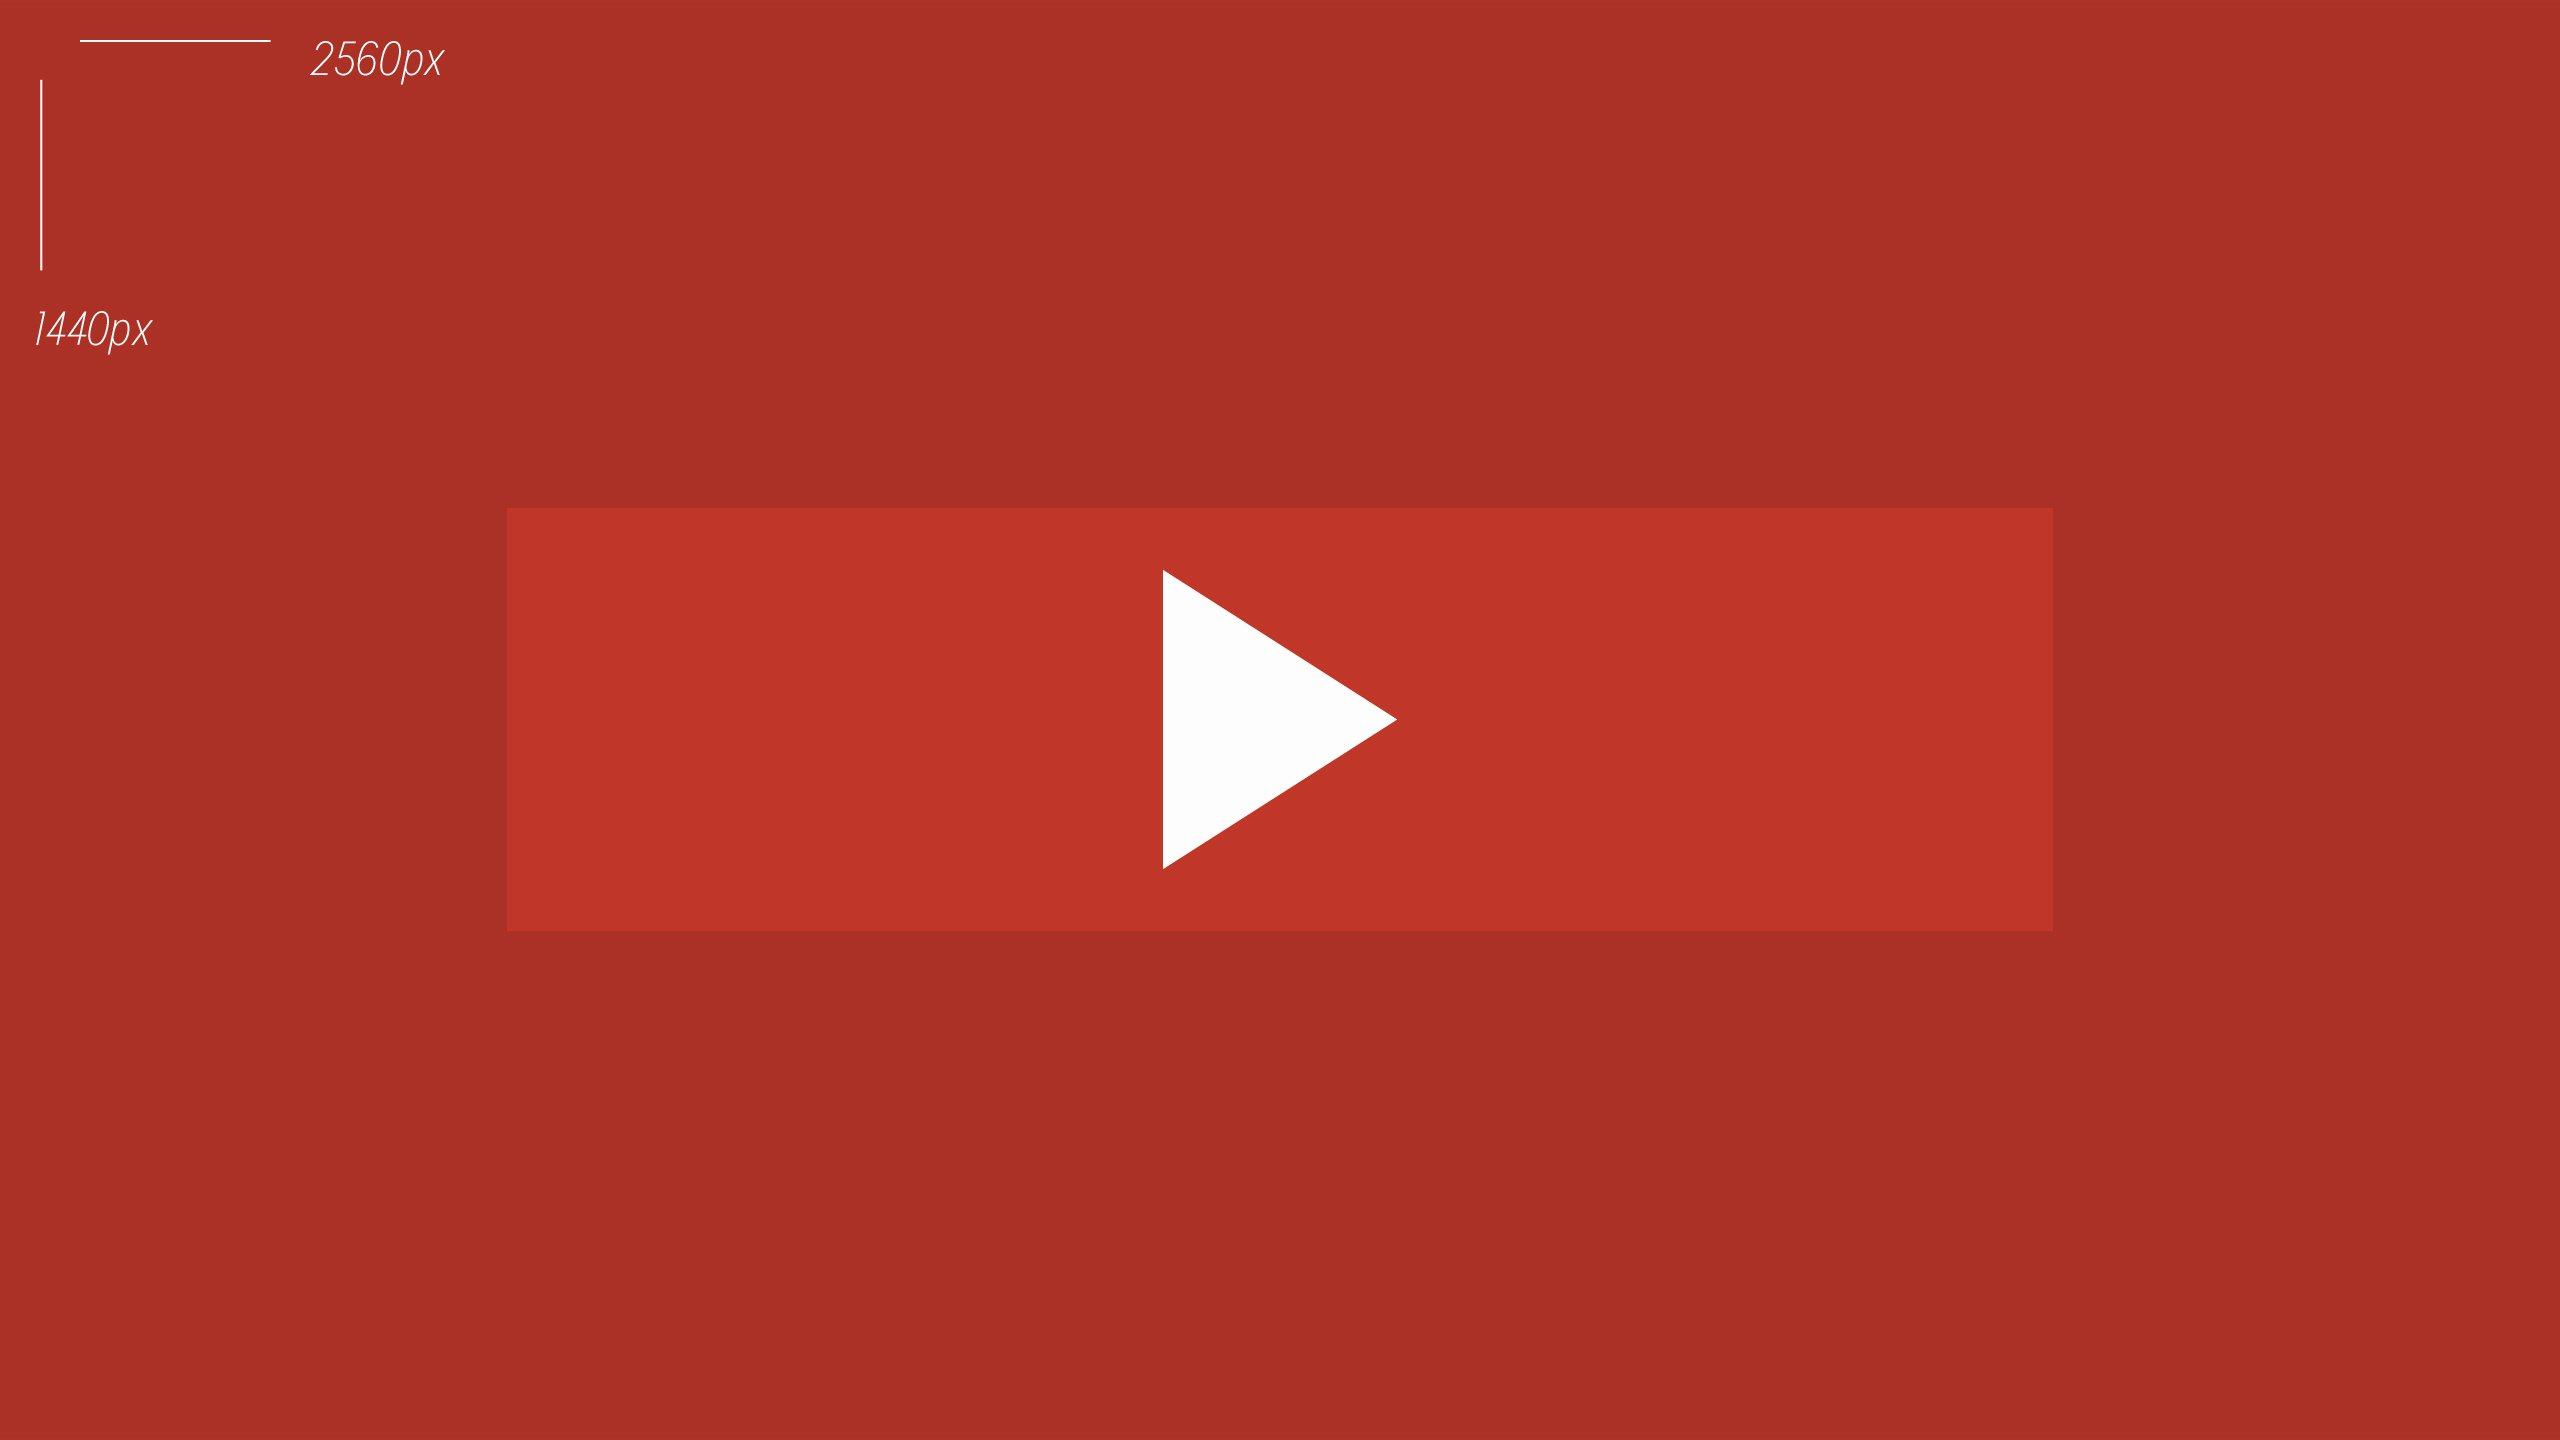 Youtube Channel Logo Template Beautiful 2048x1152 Channel Art Wallpaper Wallpapersafari